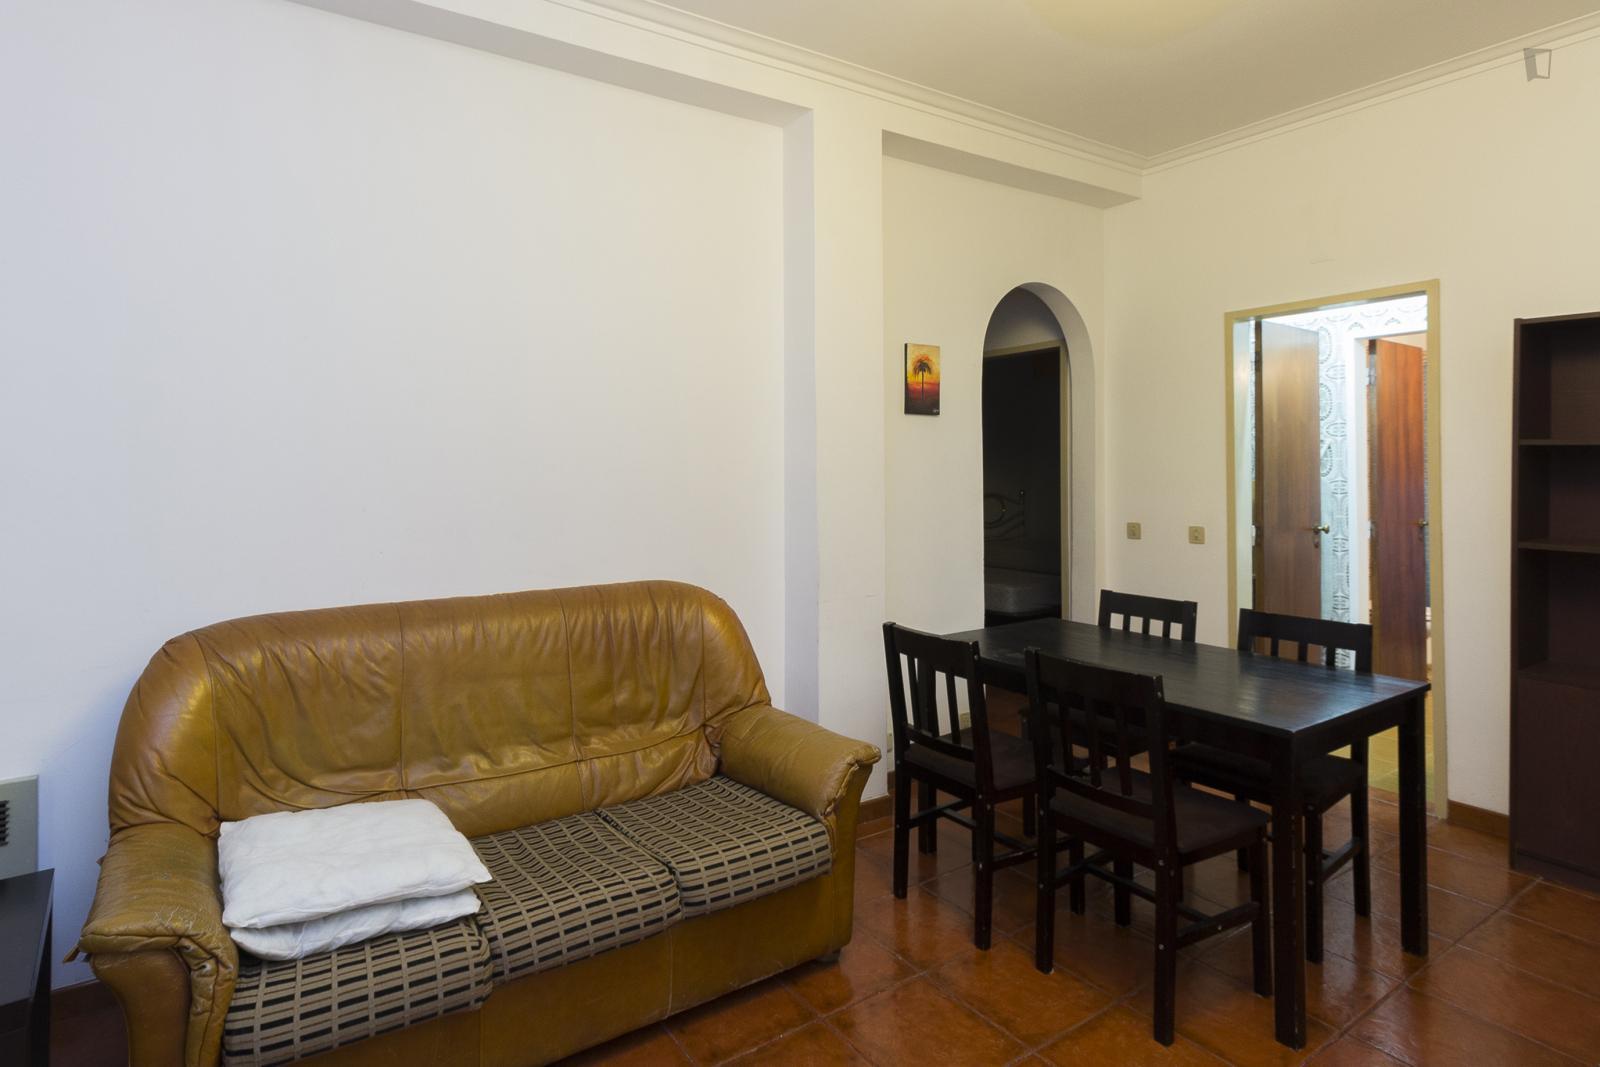 Rua Carlos Alberto Pinto de Abreu, Coimbra, PT-06 - 500 EUR/ month